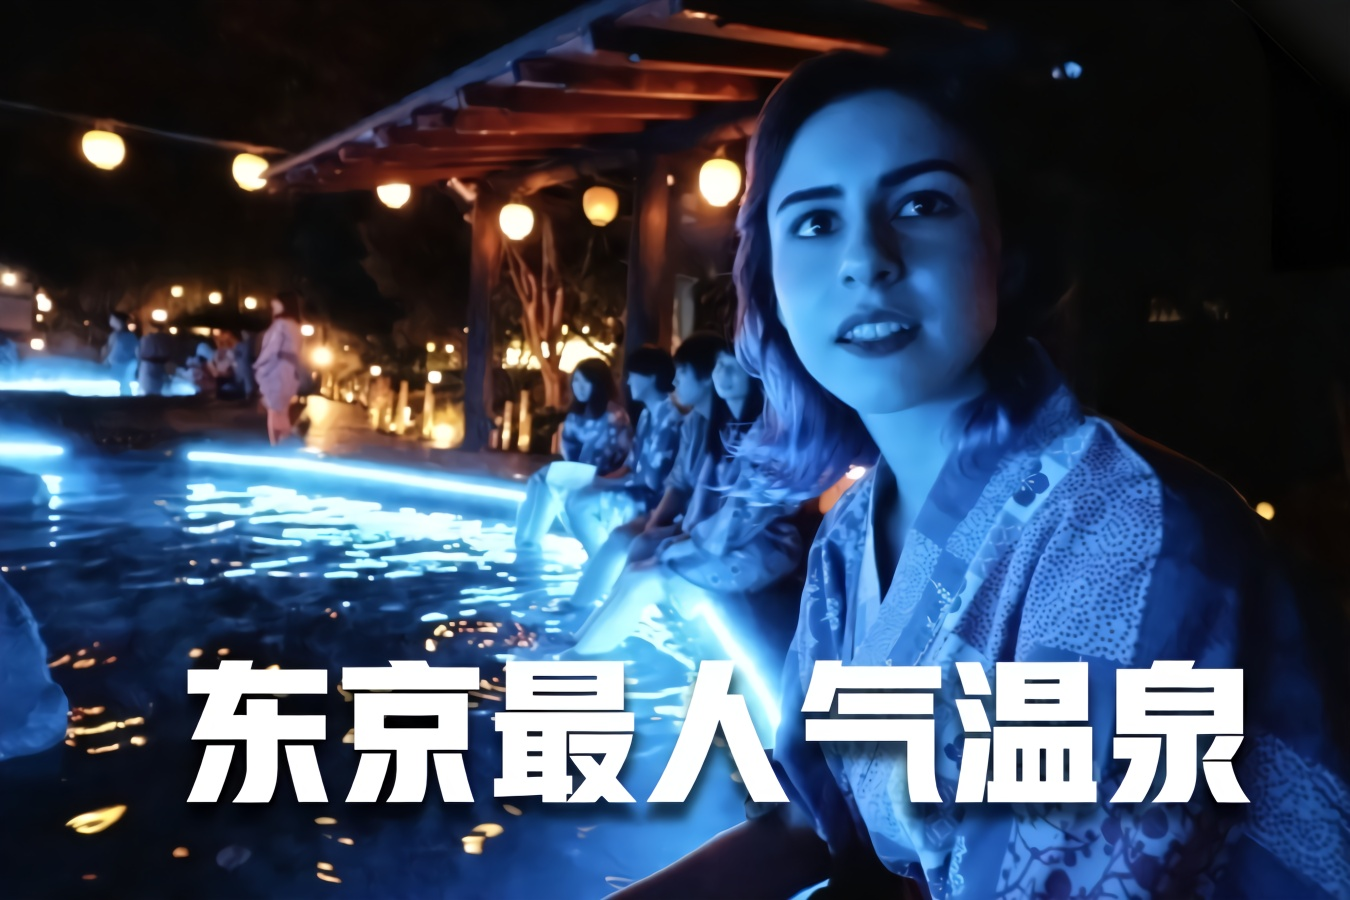 打卡日本第一温泉旅馆,赤果果的用户体验!